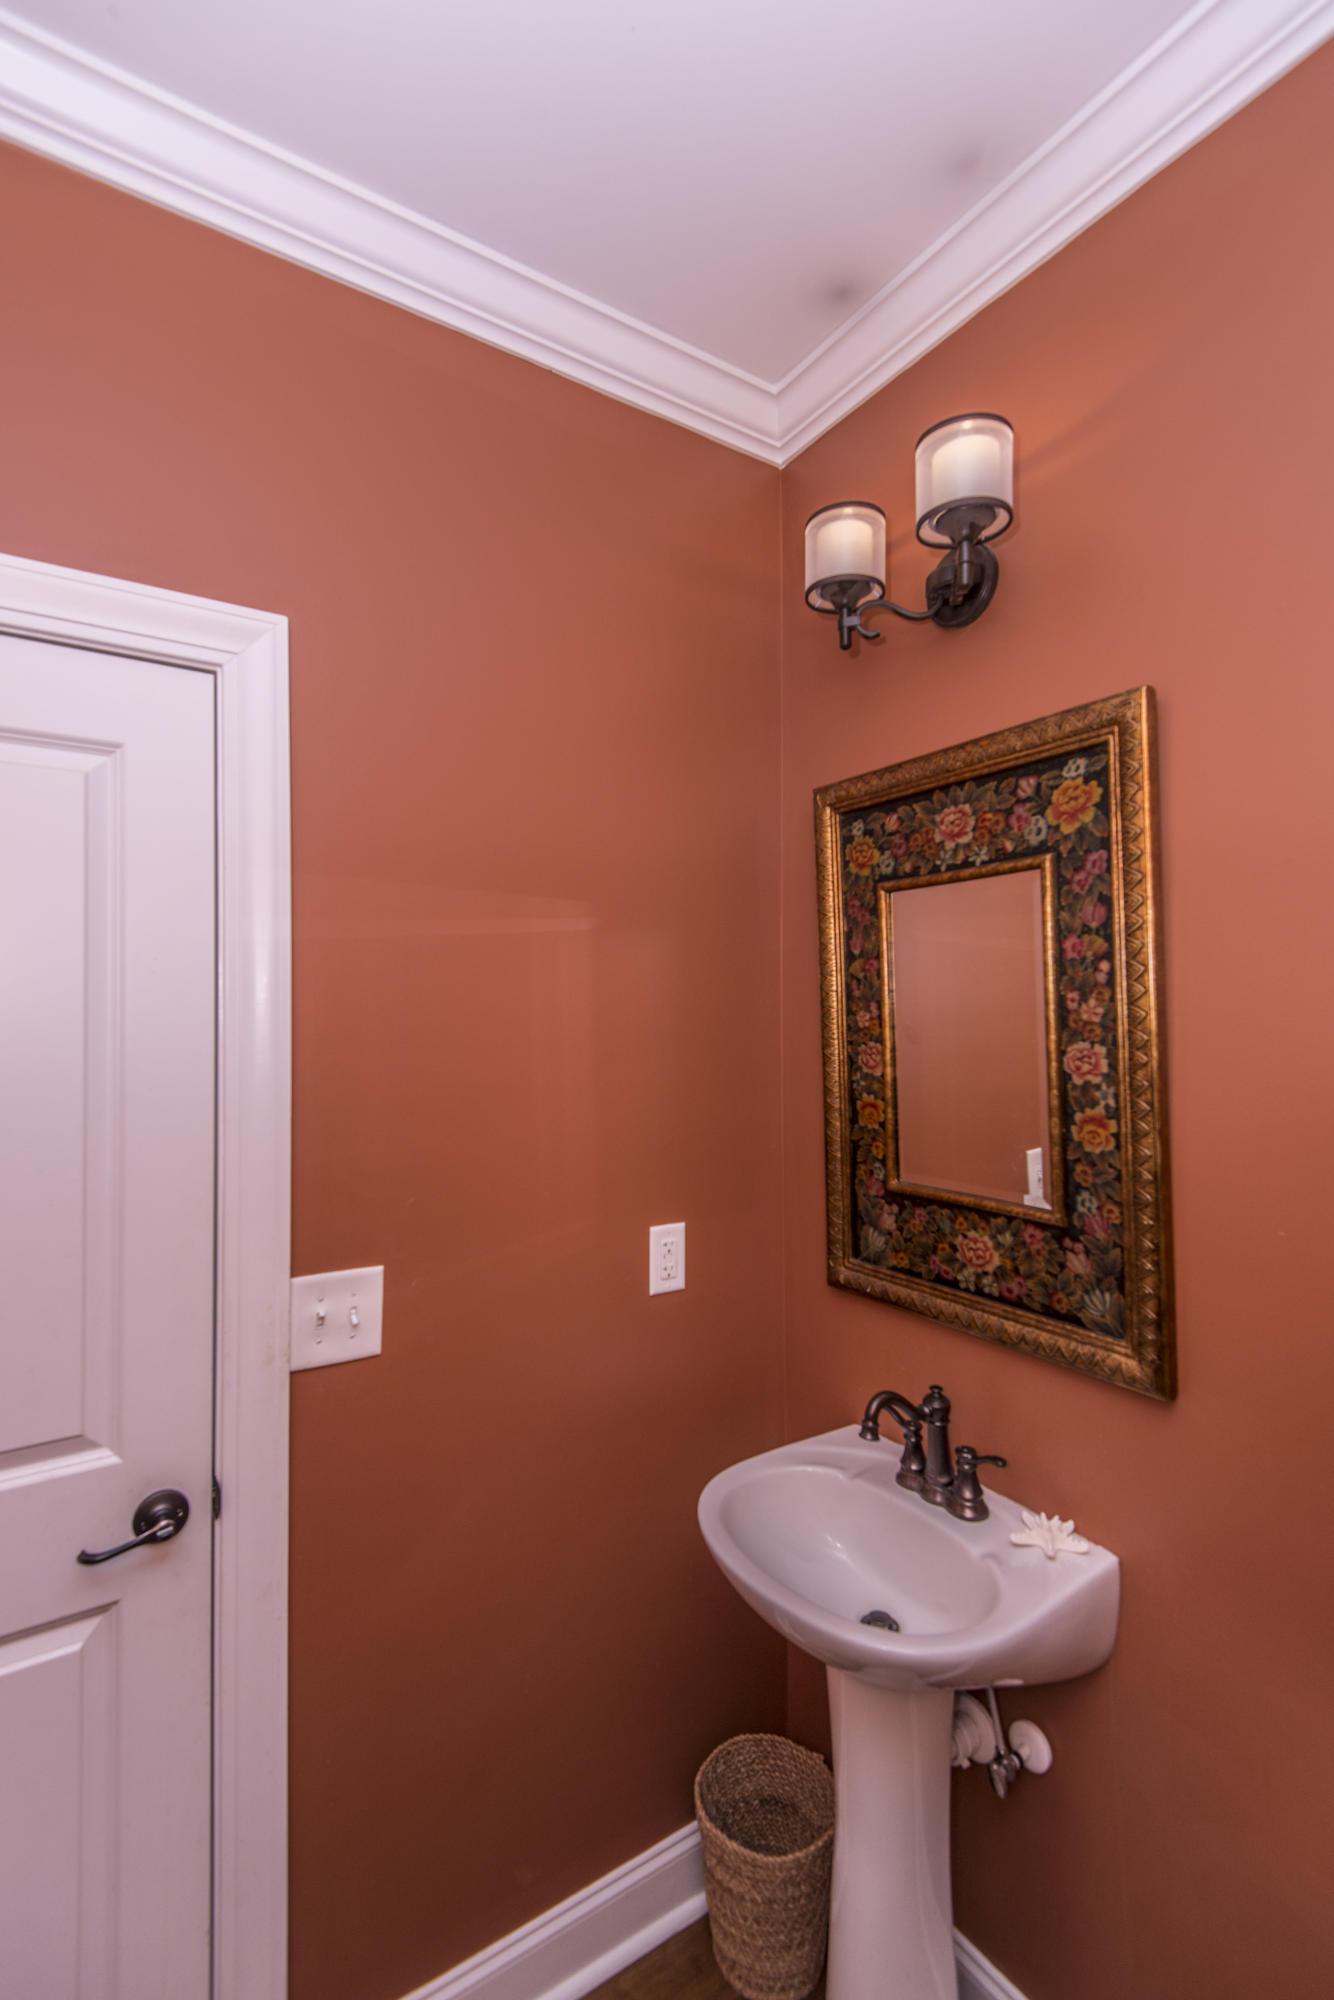 Park West Homes For Sale - 1584 Capel, Mount Pleasant, SC - 36